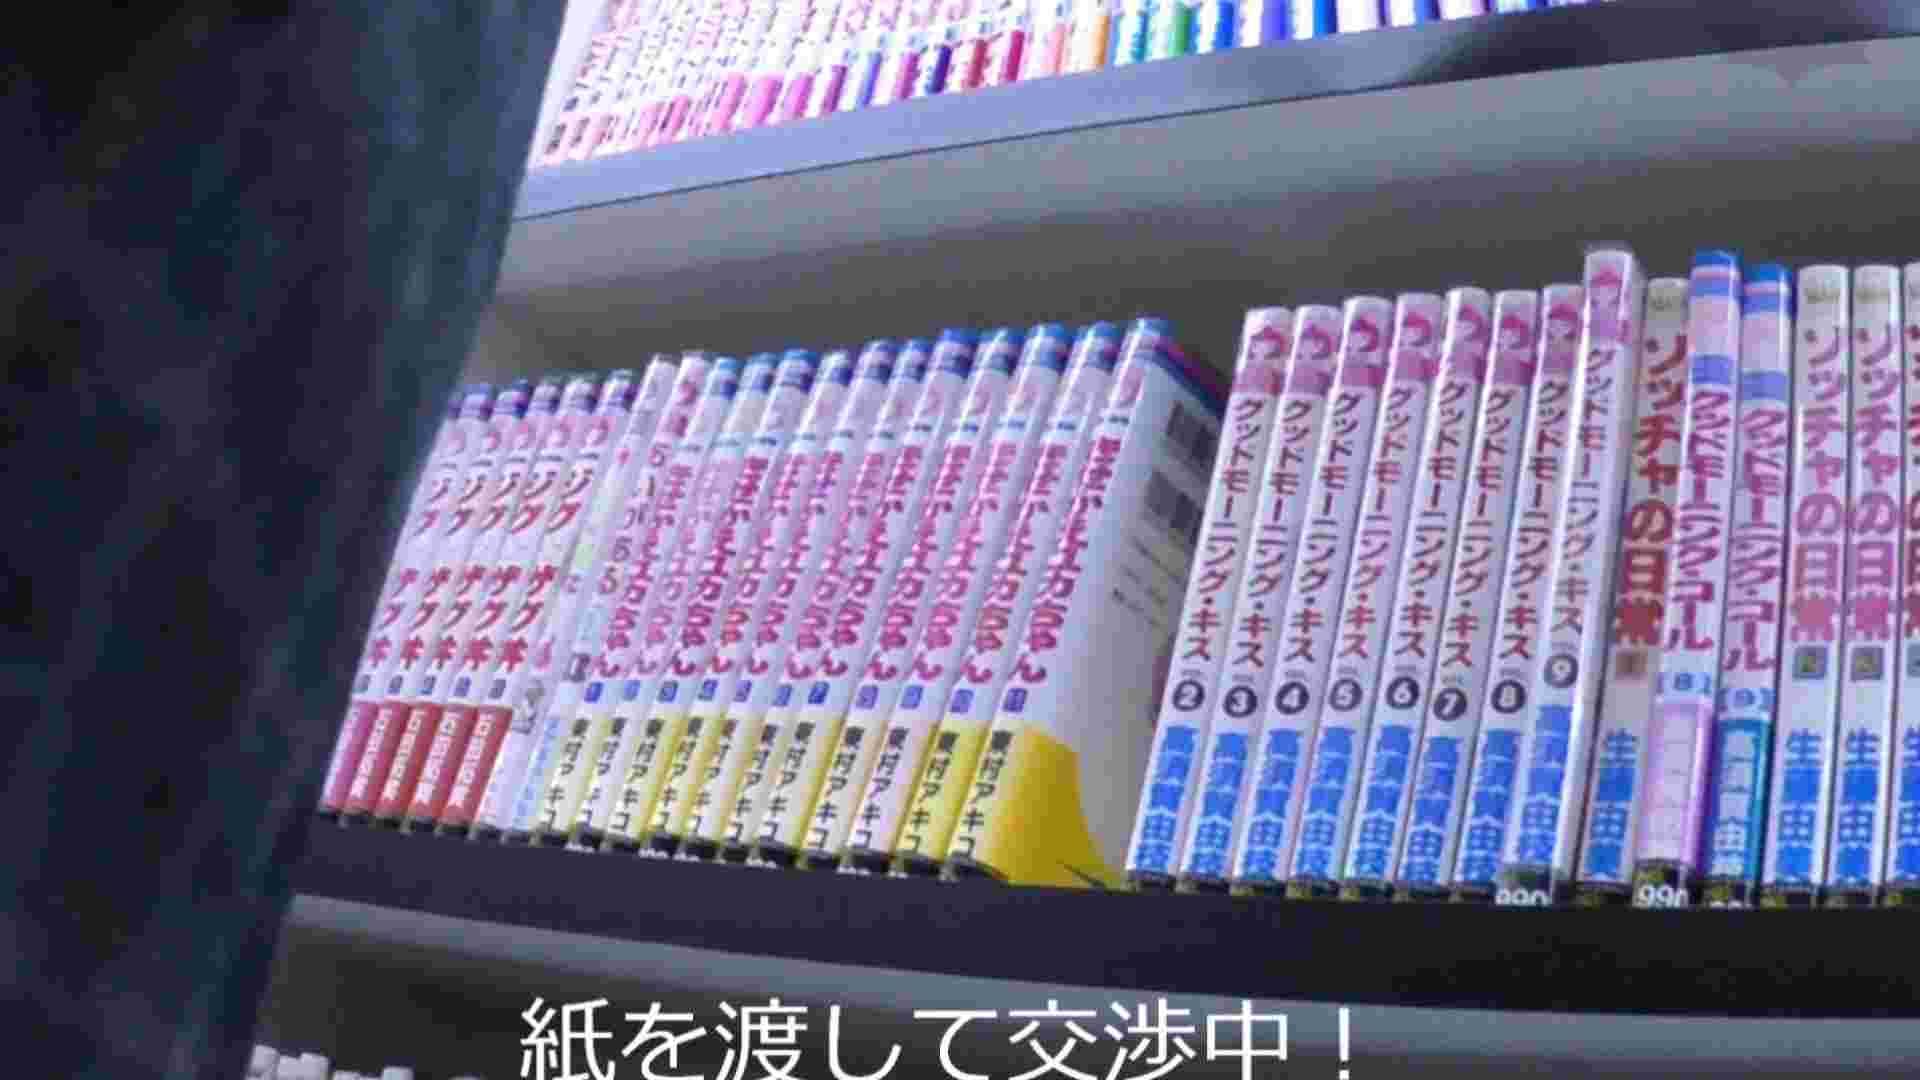 悪戯ネットカフェ Vol.03 「口」渉成立!! 勢い余ってお口に・・・ ギャル達 オマンコ無修正動画無料 80枚 2